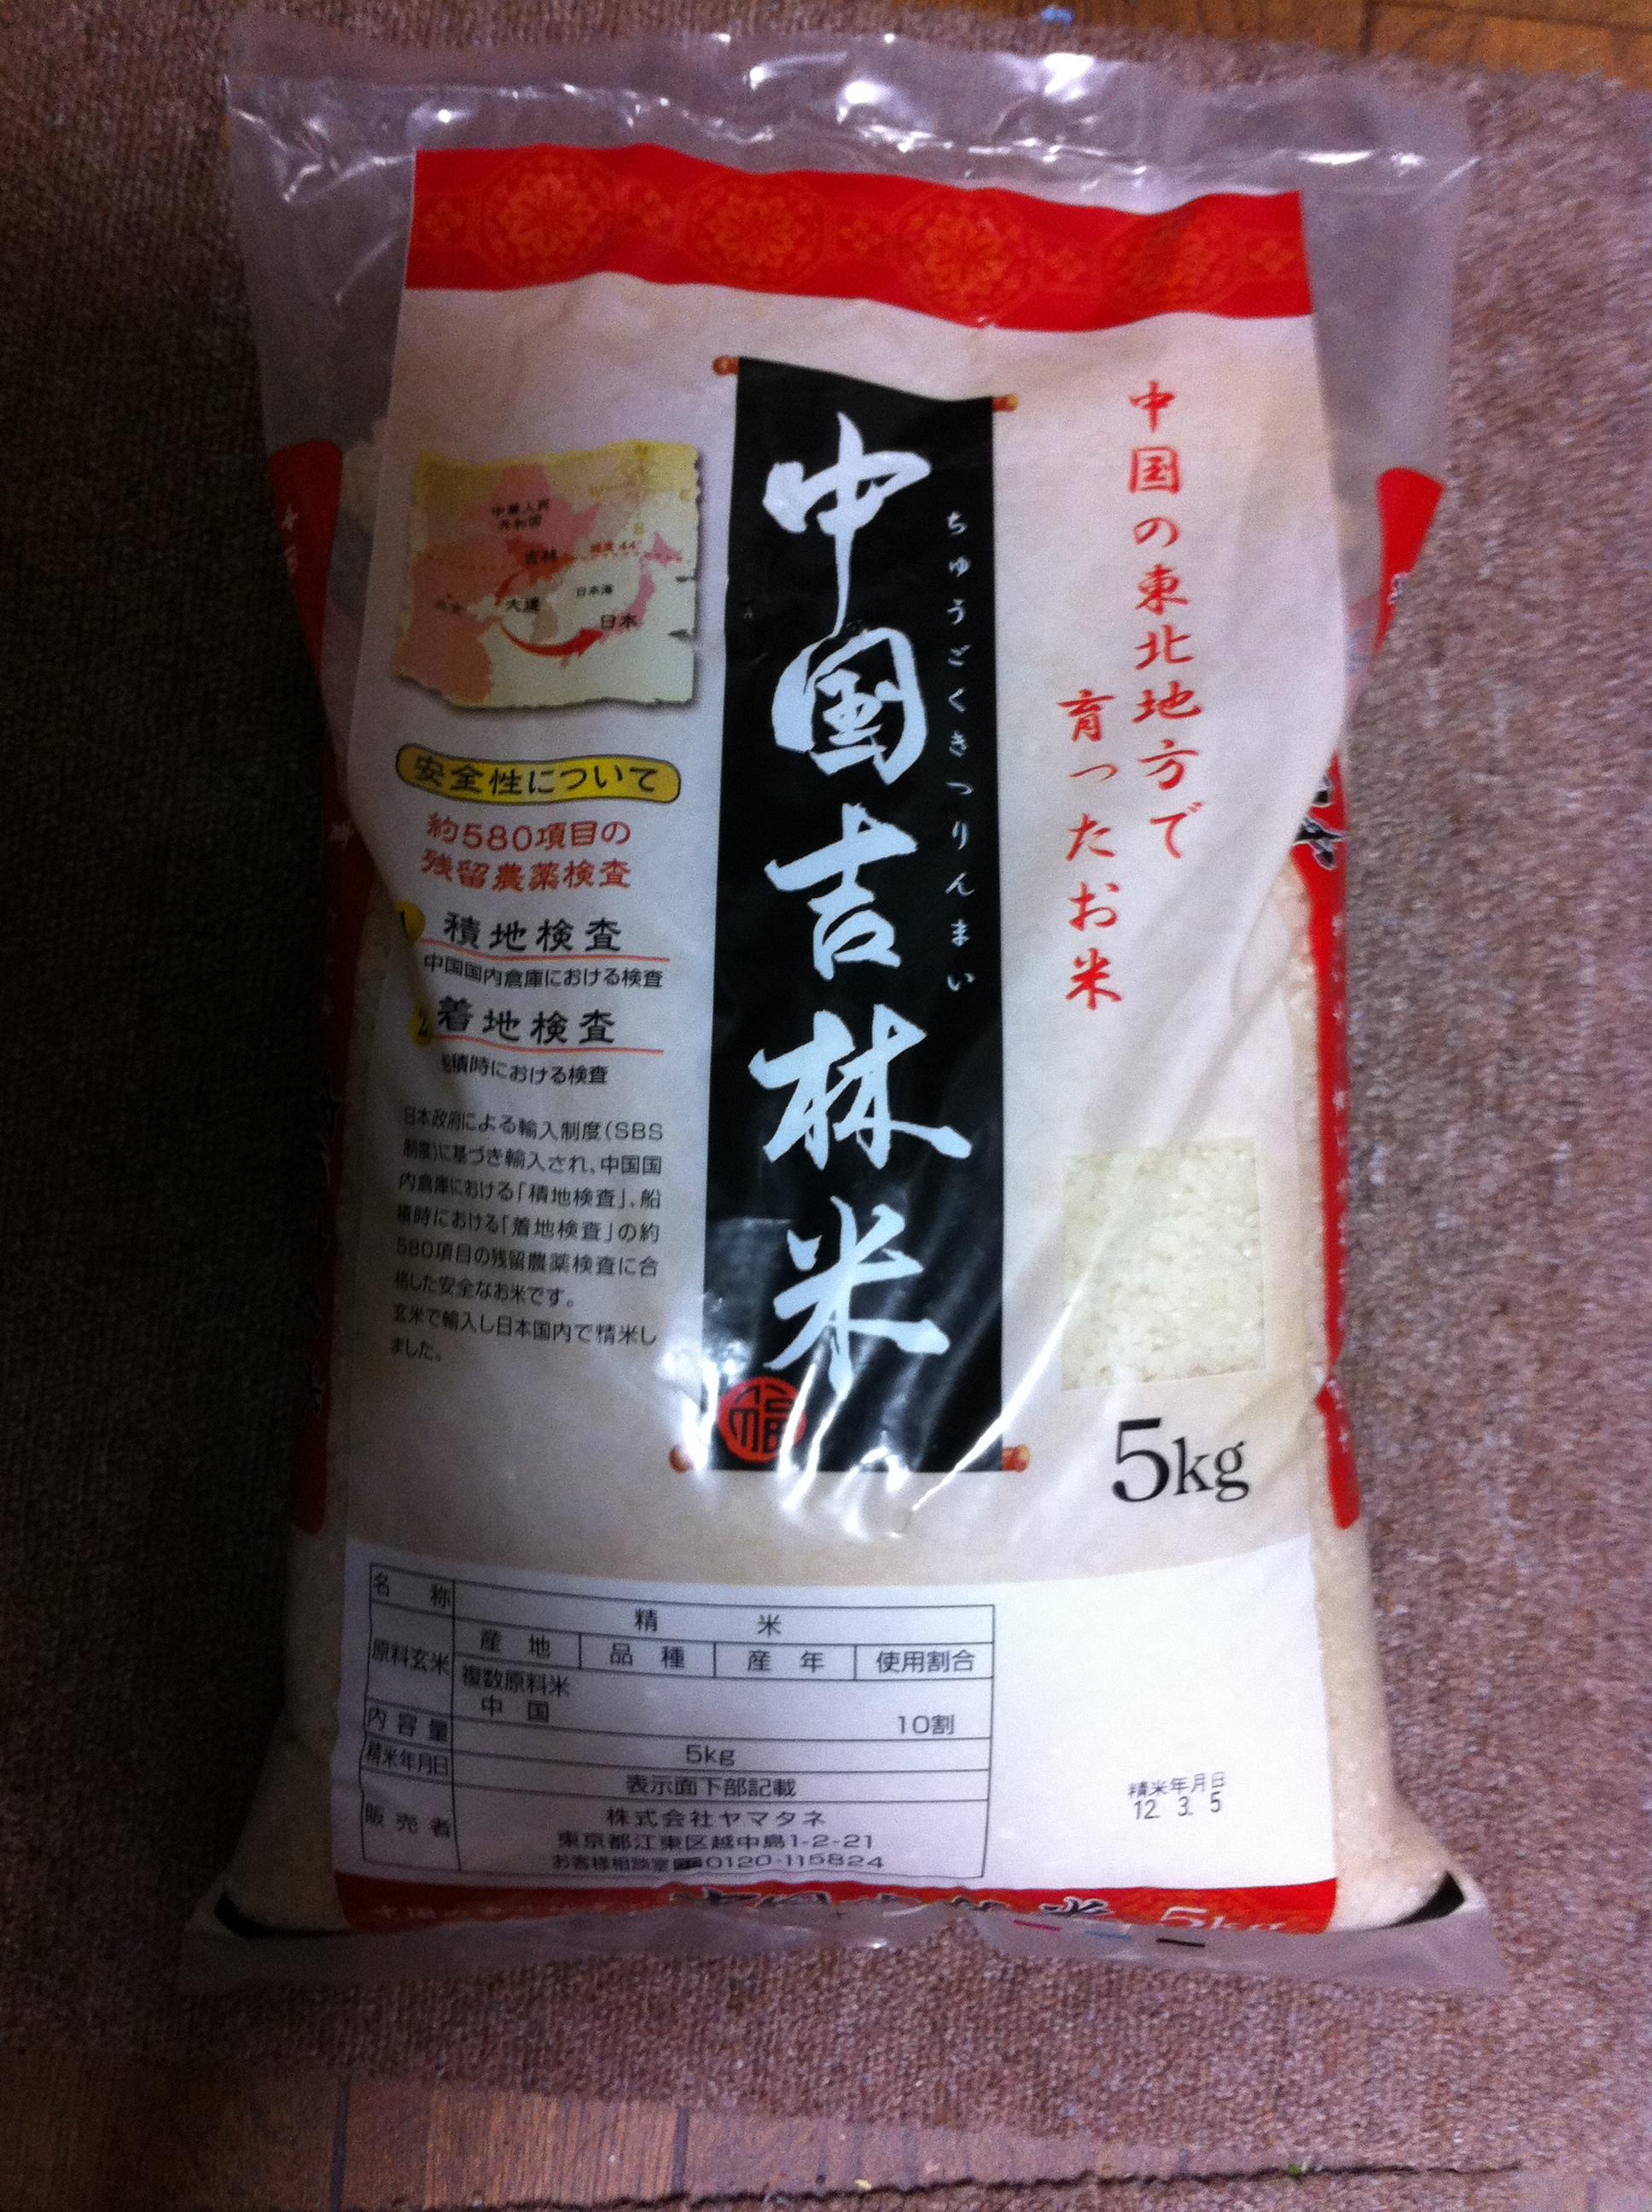 中国吉林米5kg